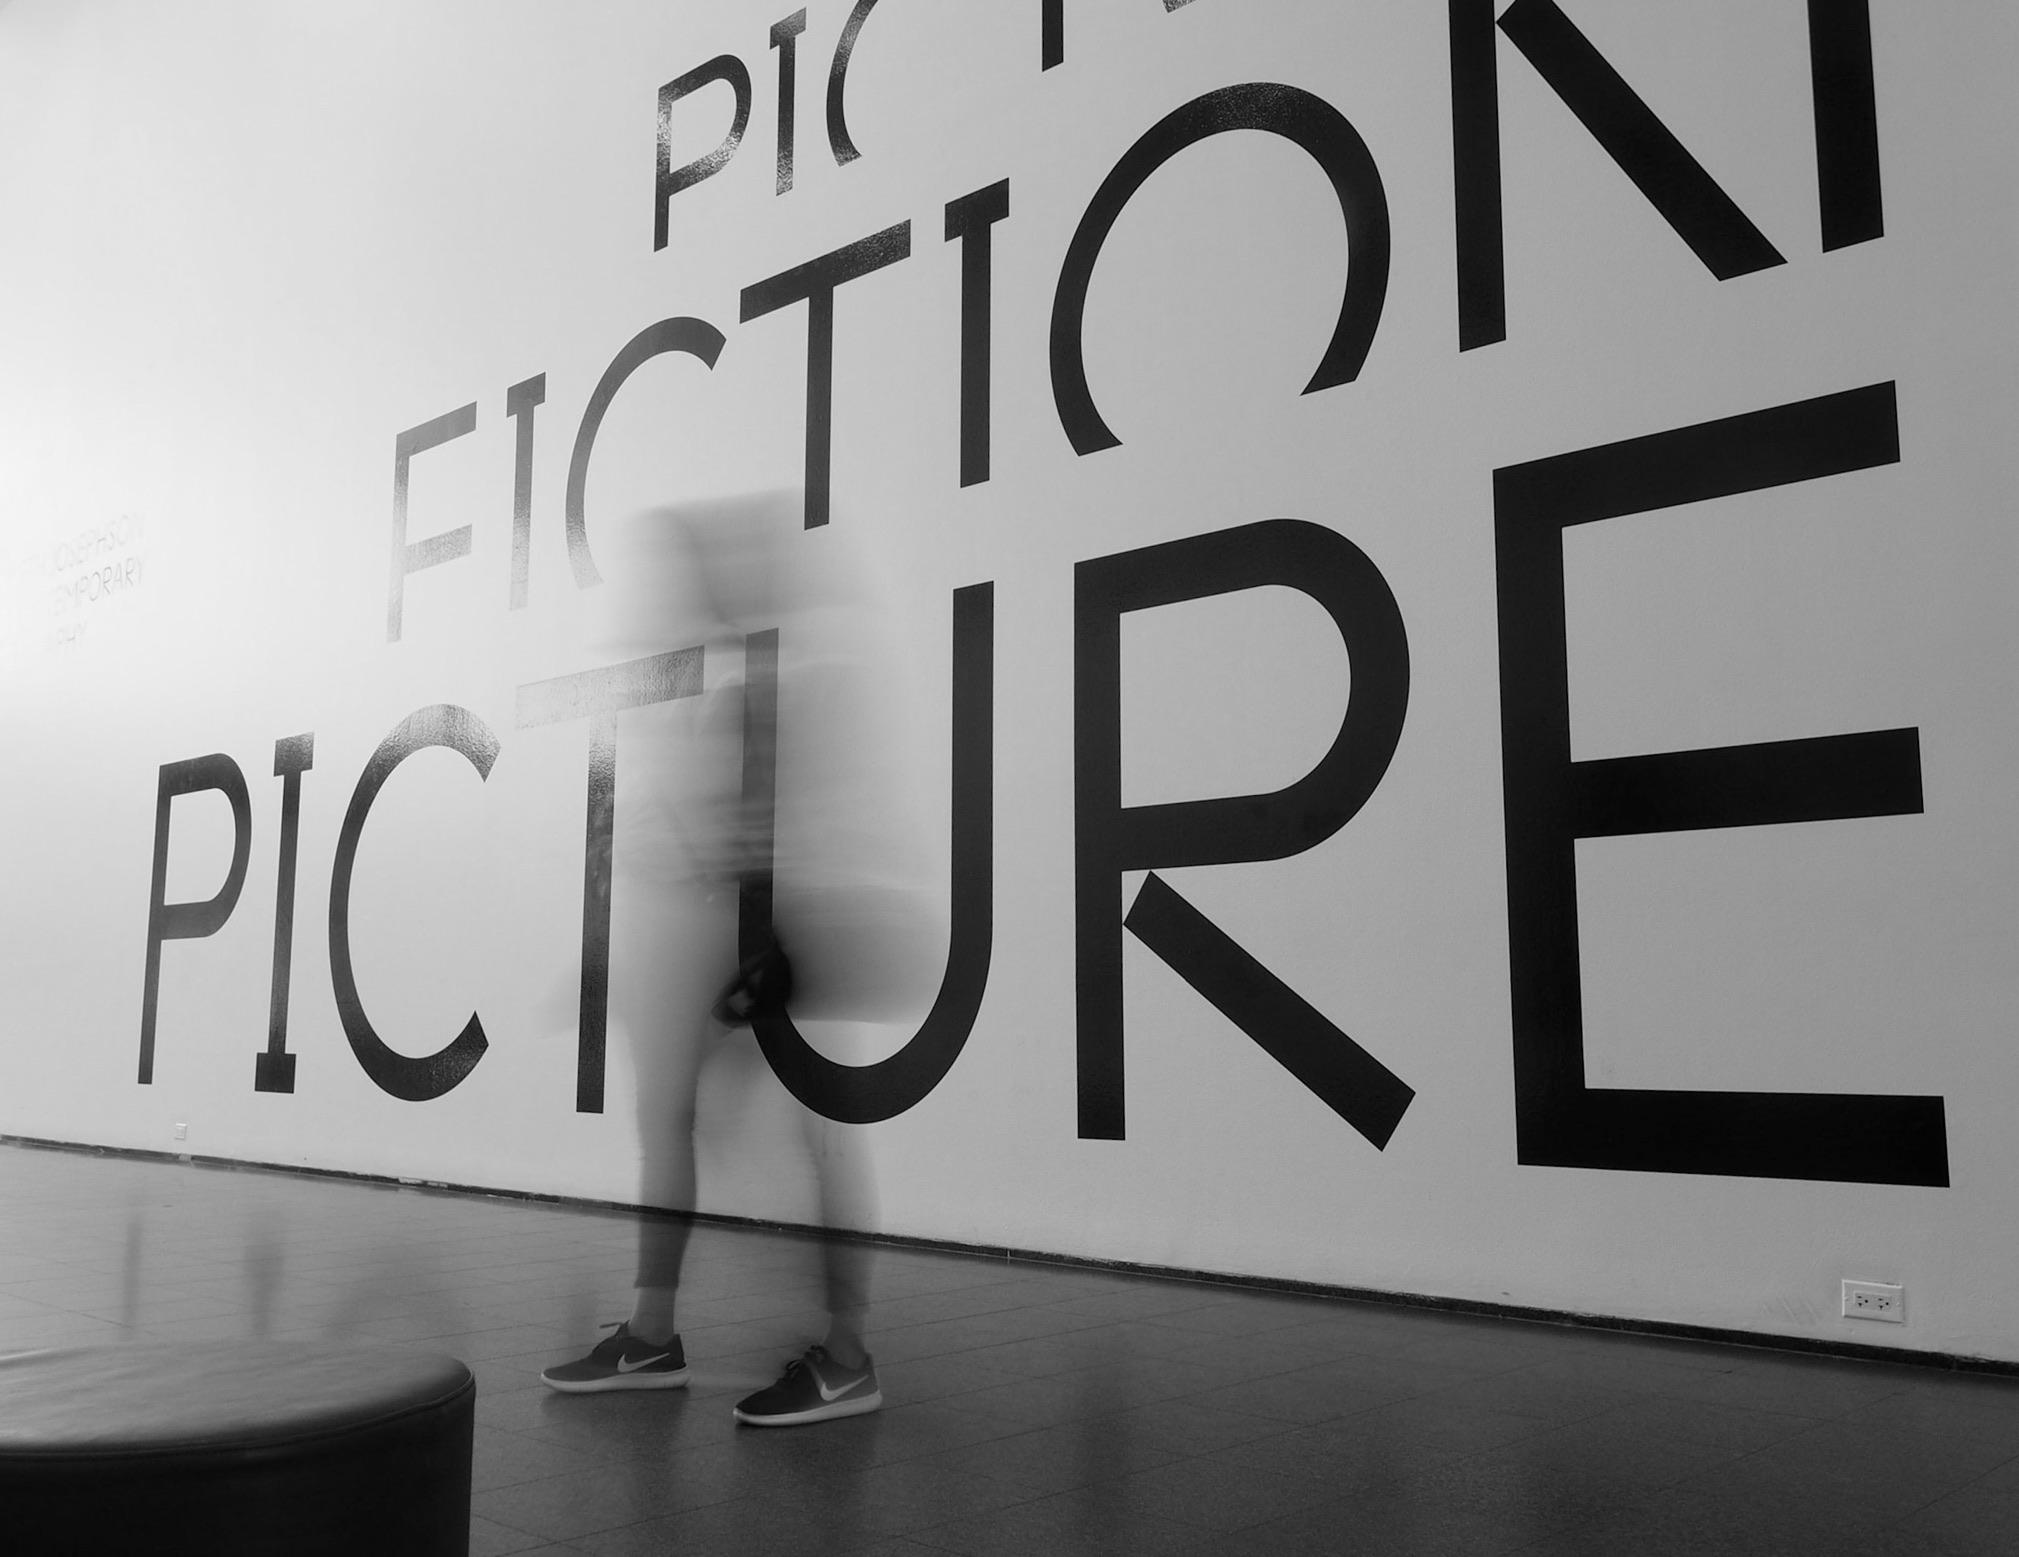 Museum of contemporary art, USA